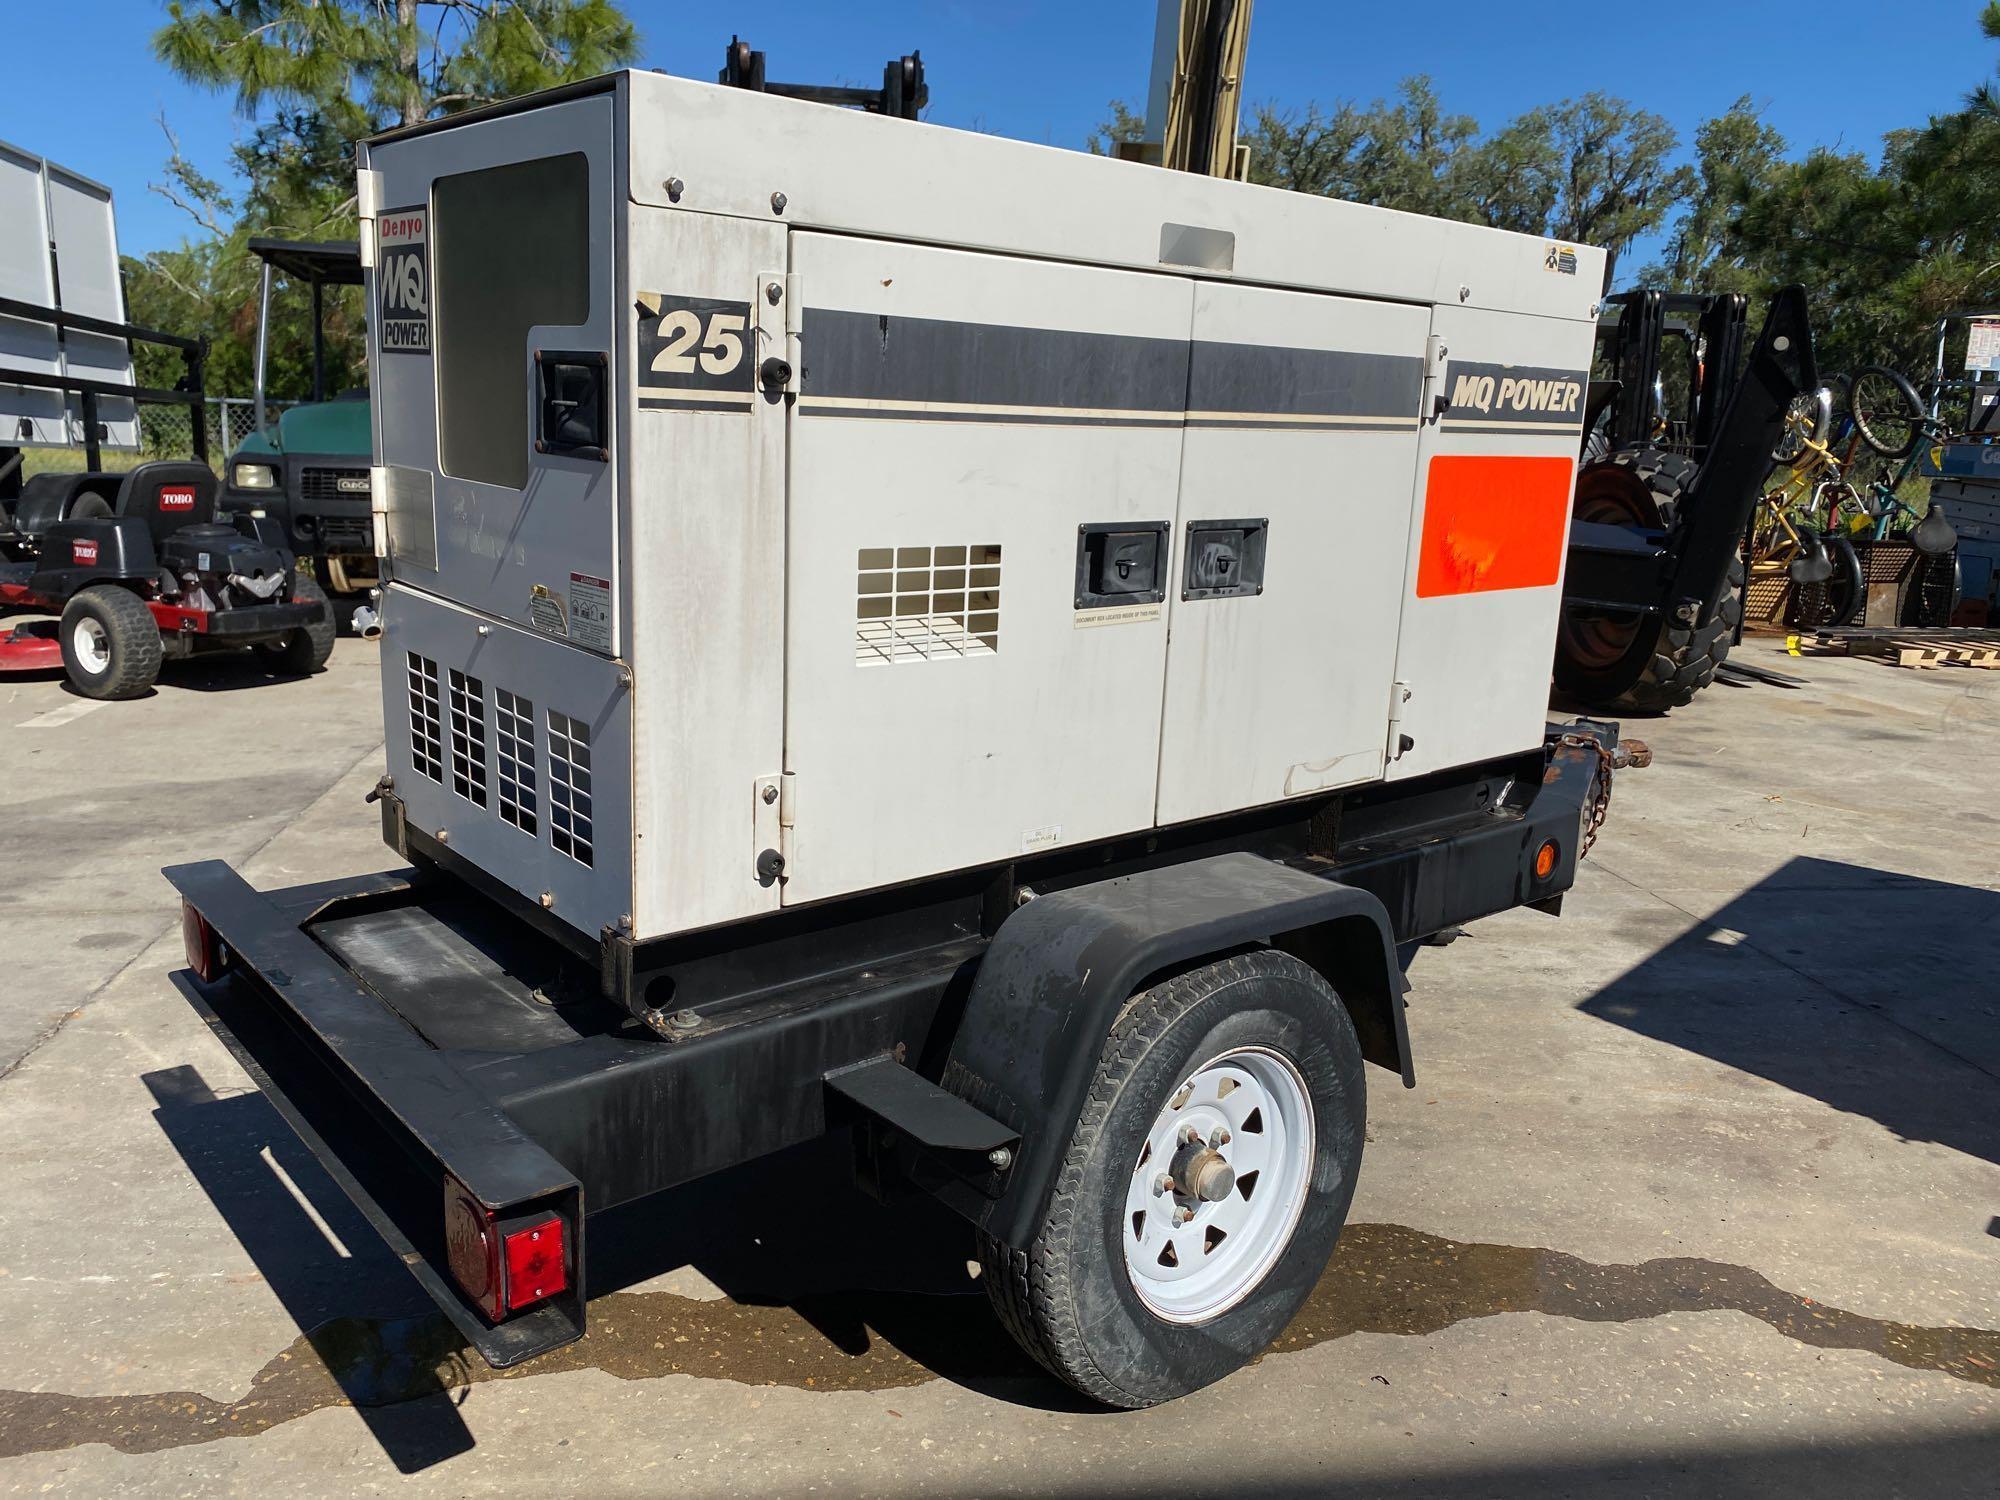 2011/2012 WHISPERWATT MQ POWER DIESEL GENERATOR, TRAILER MOUNTED, 20KW, 25KVA, RUNS AND OPERATES - Image 14 of 20